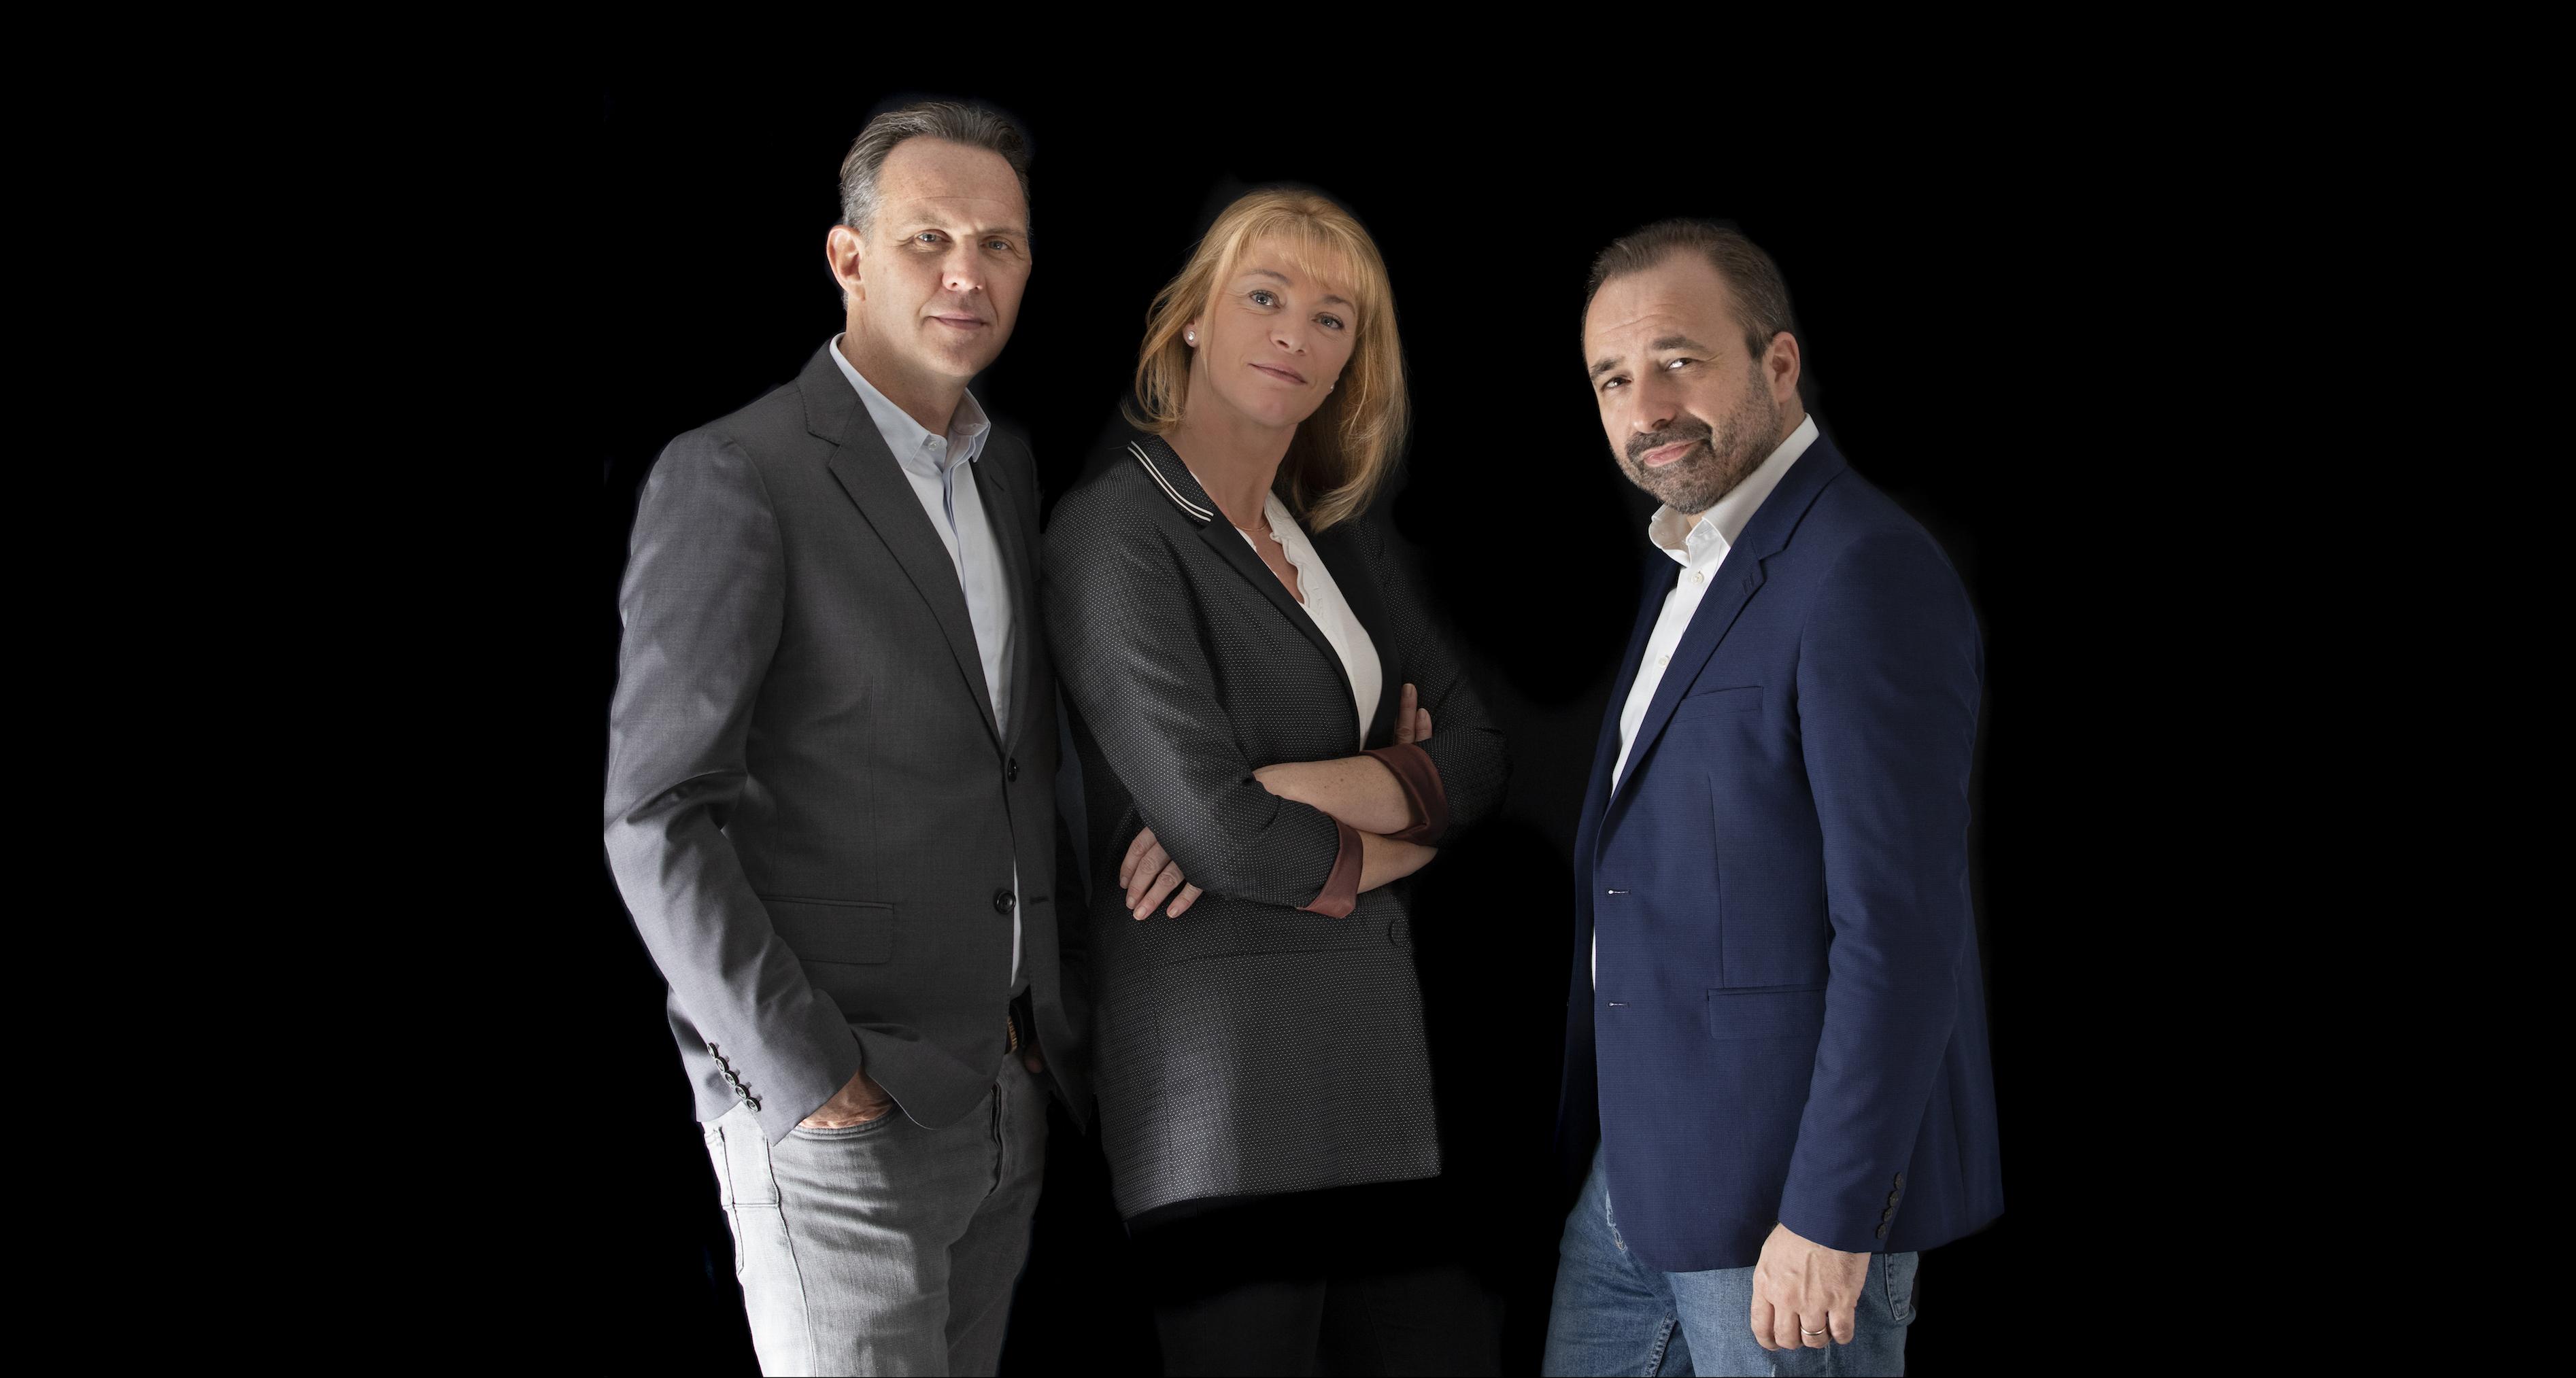 Jérôme Dentz, Géraldine Martin et Frédéric Musso aux manettes de Citimotion